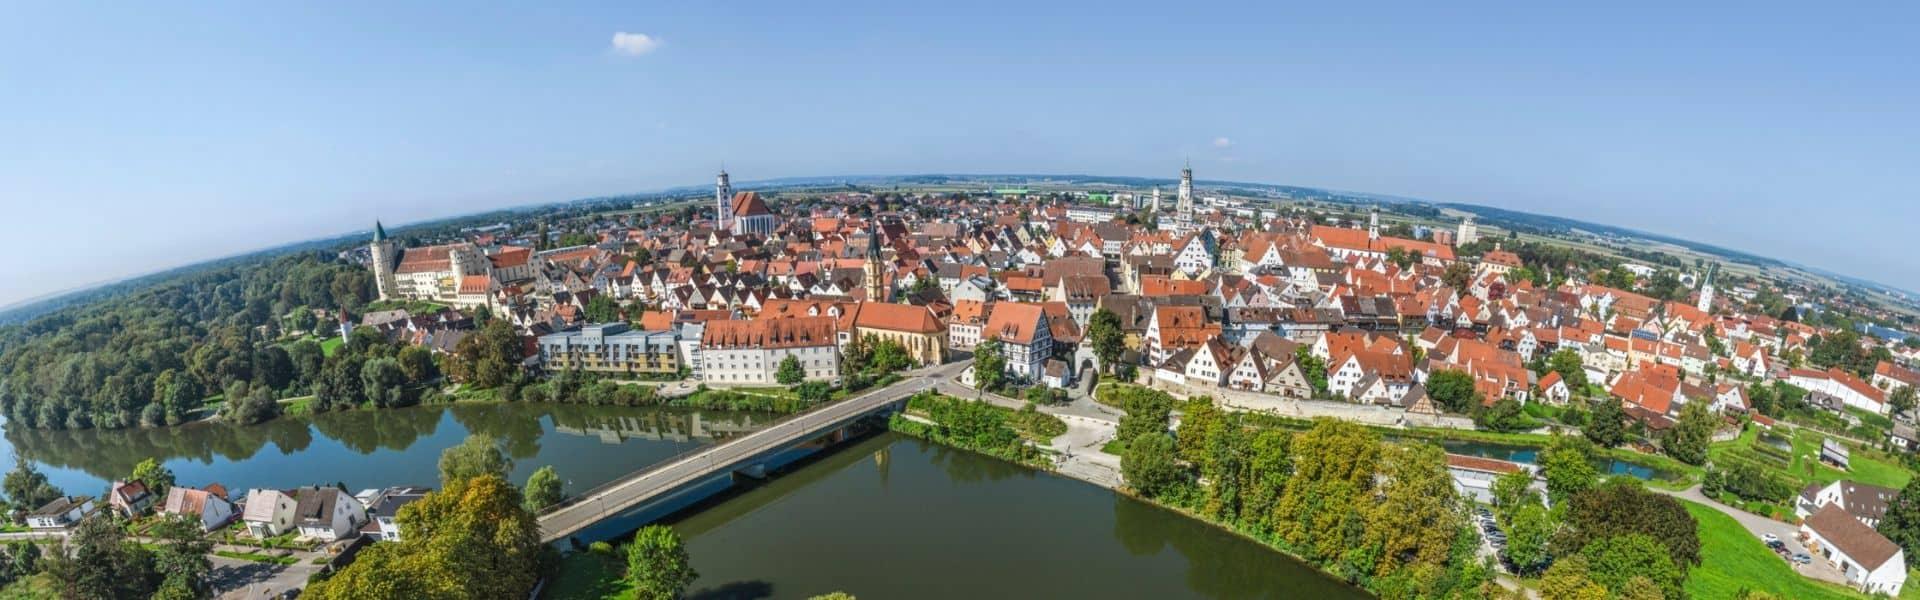 360° Panorama von Launigen an der Donau